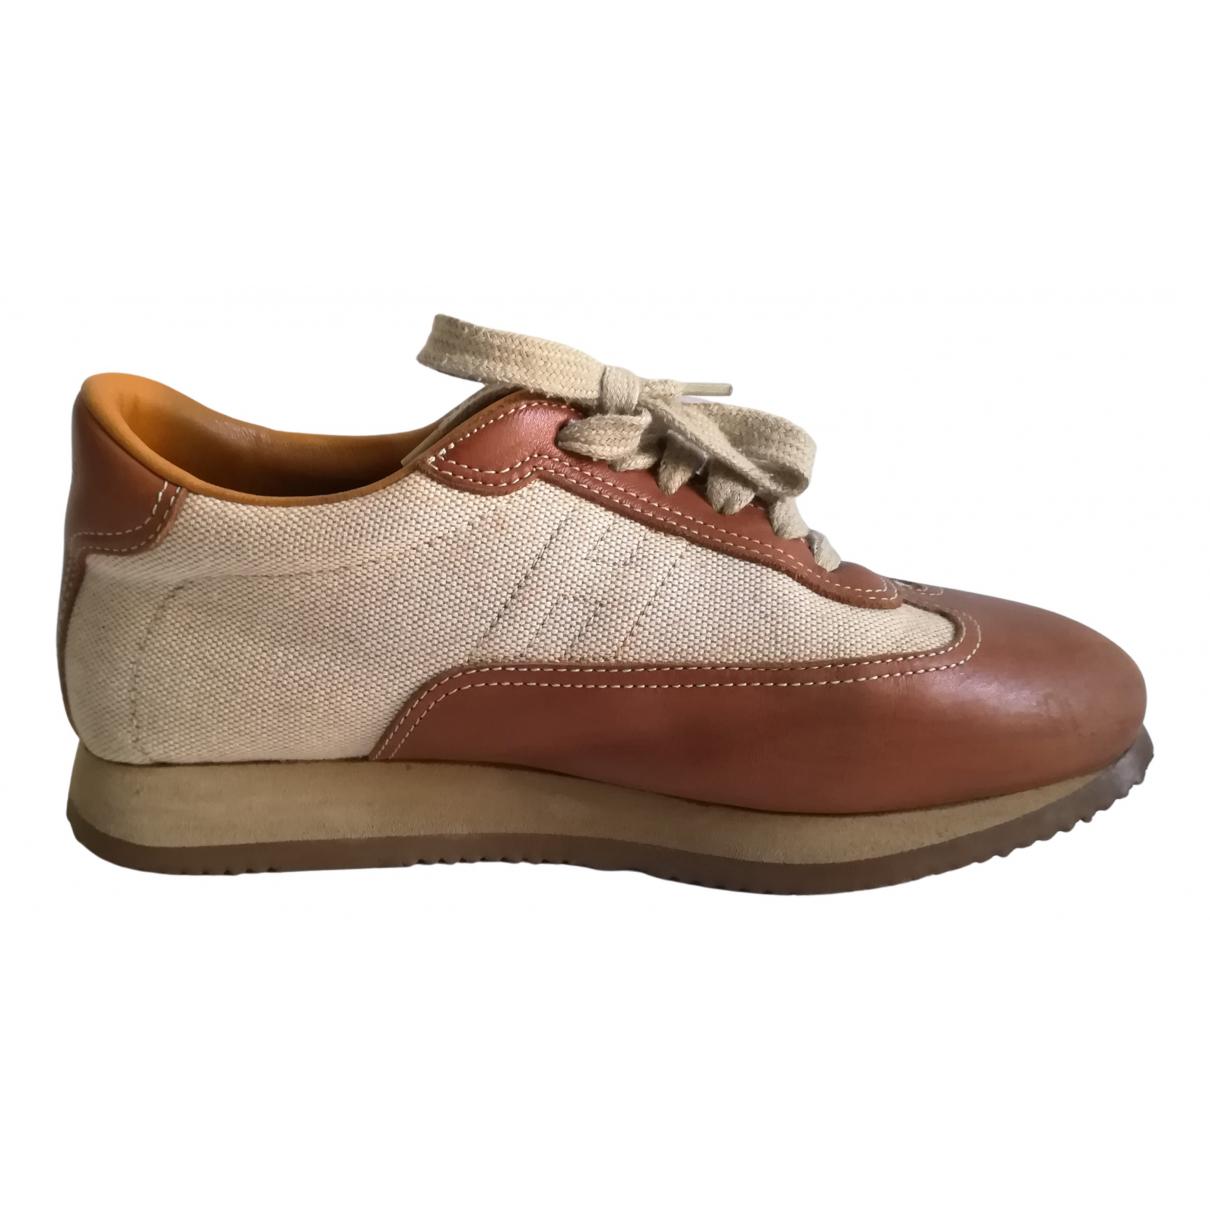 Hermes - Baskets Quicker pour femme en toile - beige